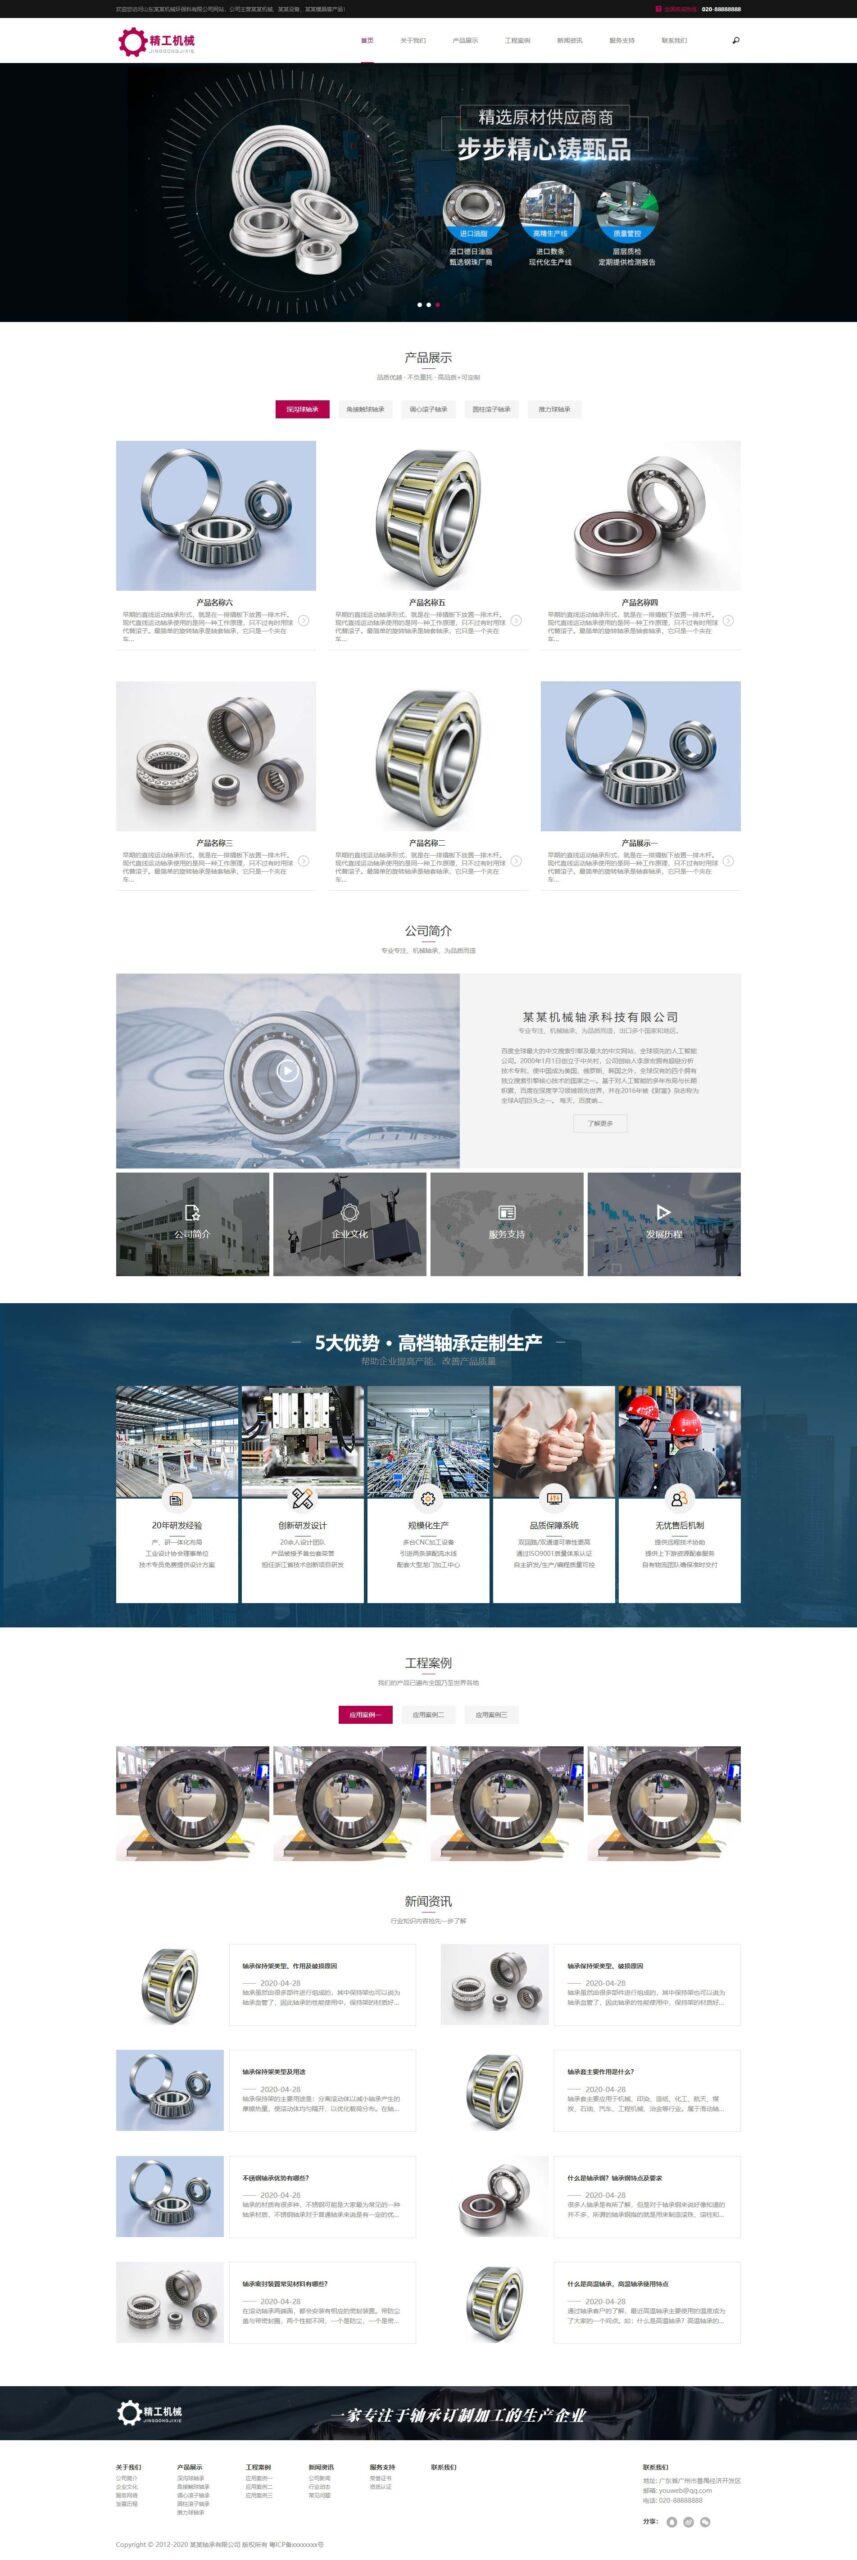 蓝色工业实体轴承生产厂家企业网站织梦dede模板源码[自适应手机版]插图